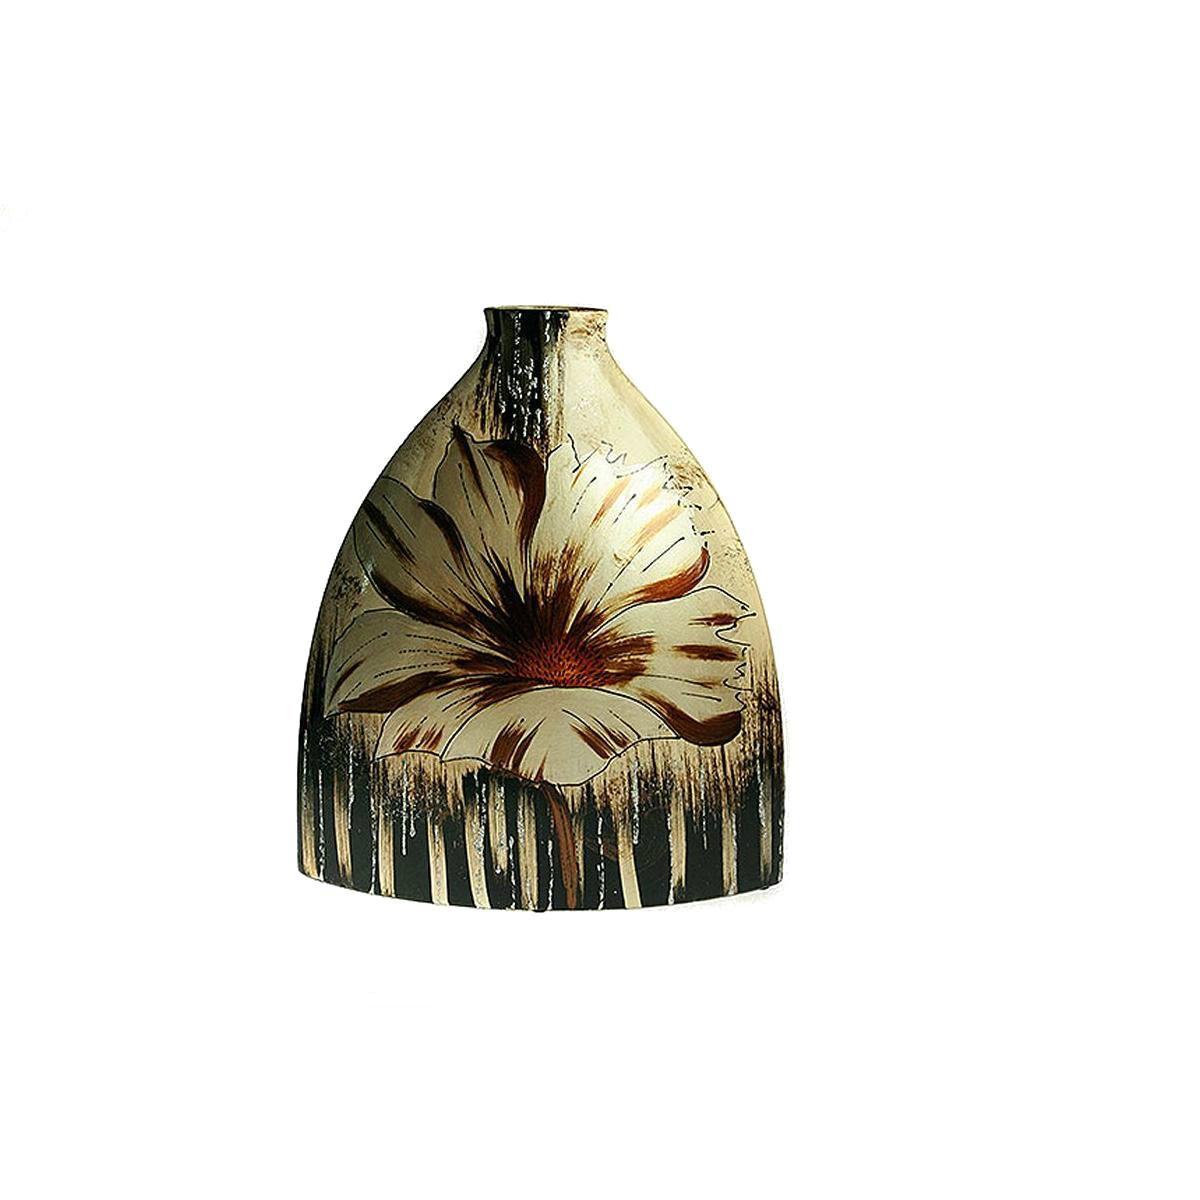 Ваза Русские Подарки Нежный пион, высота 36 см. 214515 ваза русские подарки винтаж высота 31 см 123710